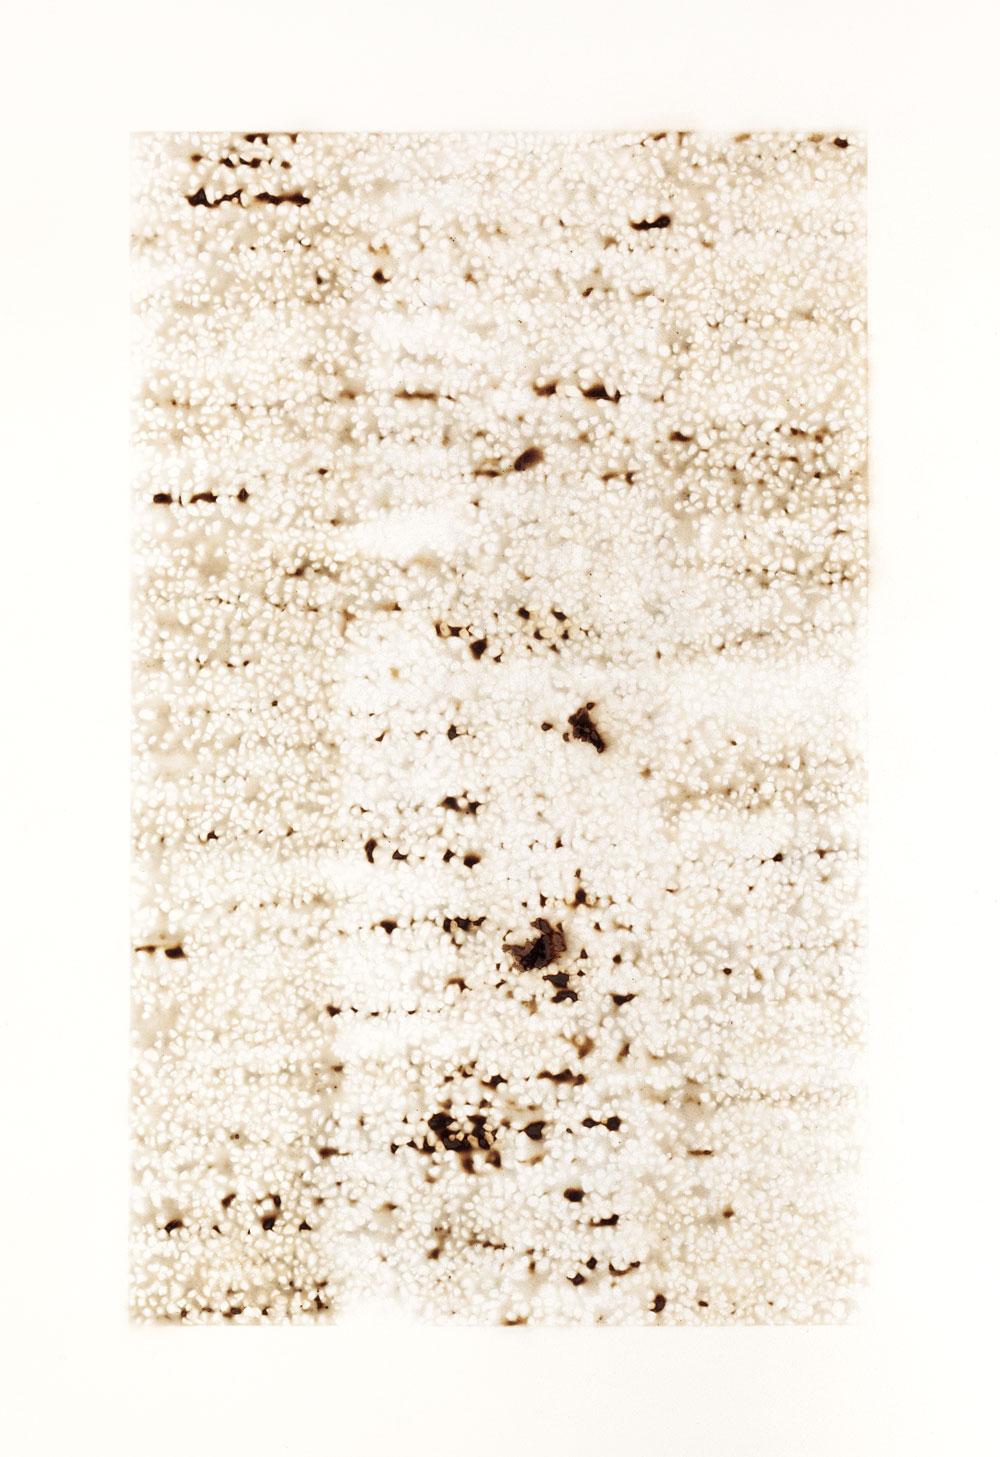 Jacob Whibleyreciprocal symmetry (wreak form)19.5 x 28